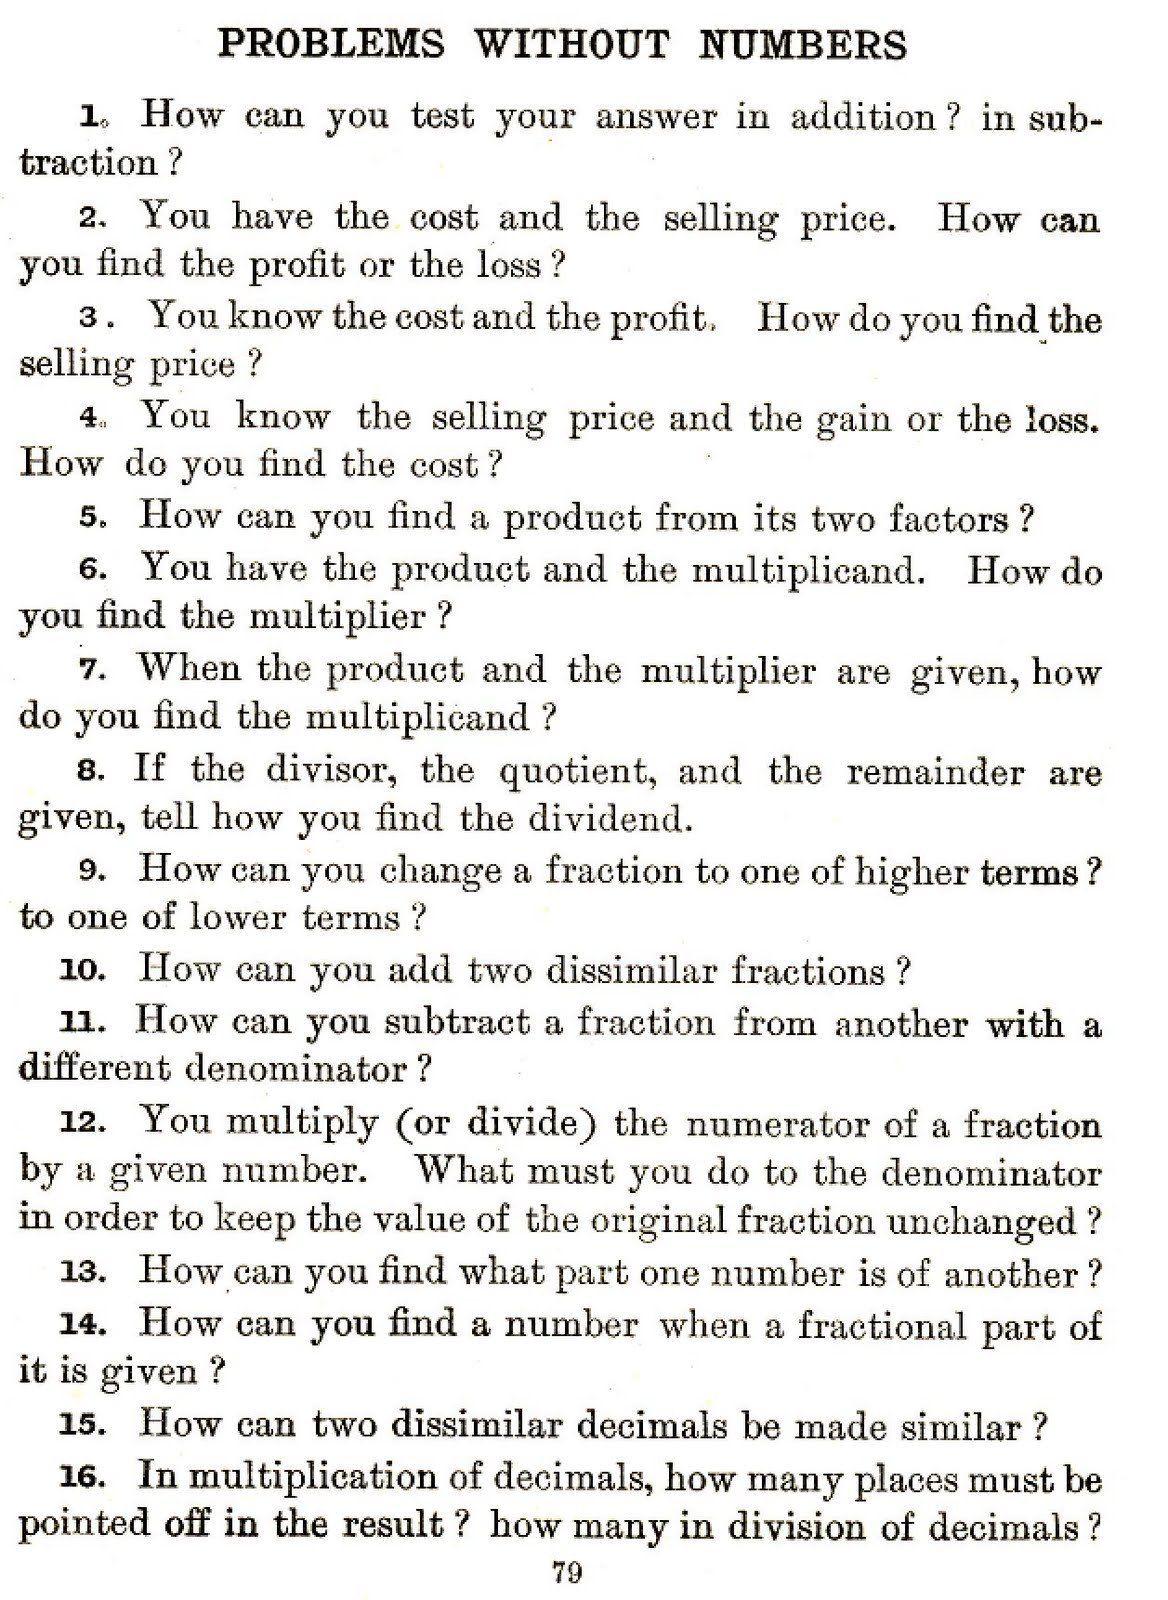 6th Grade Math Puzzles Worksheets 3rd Grade Math